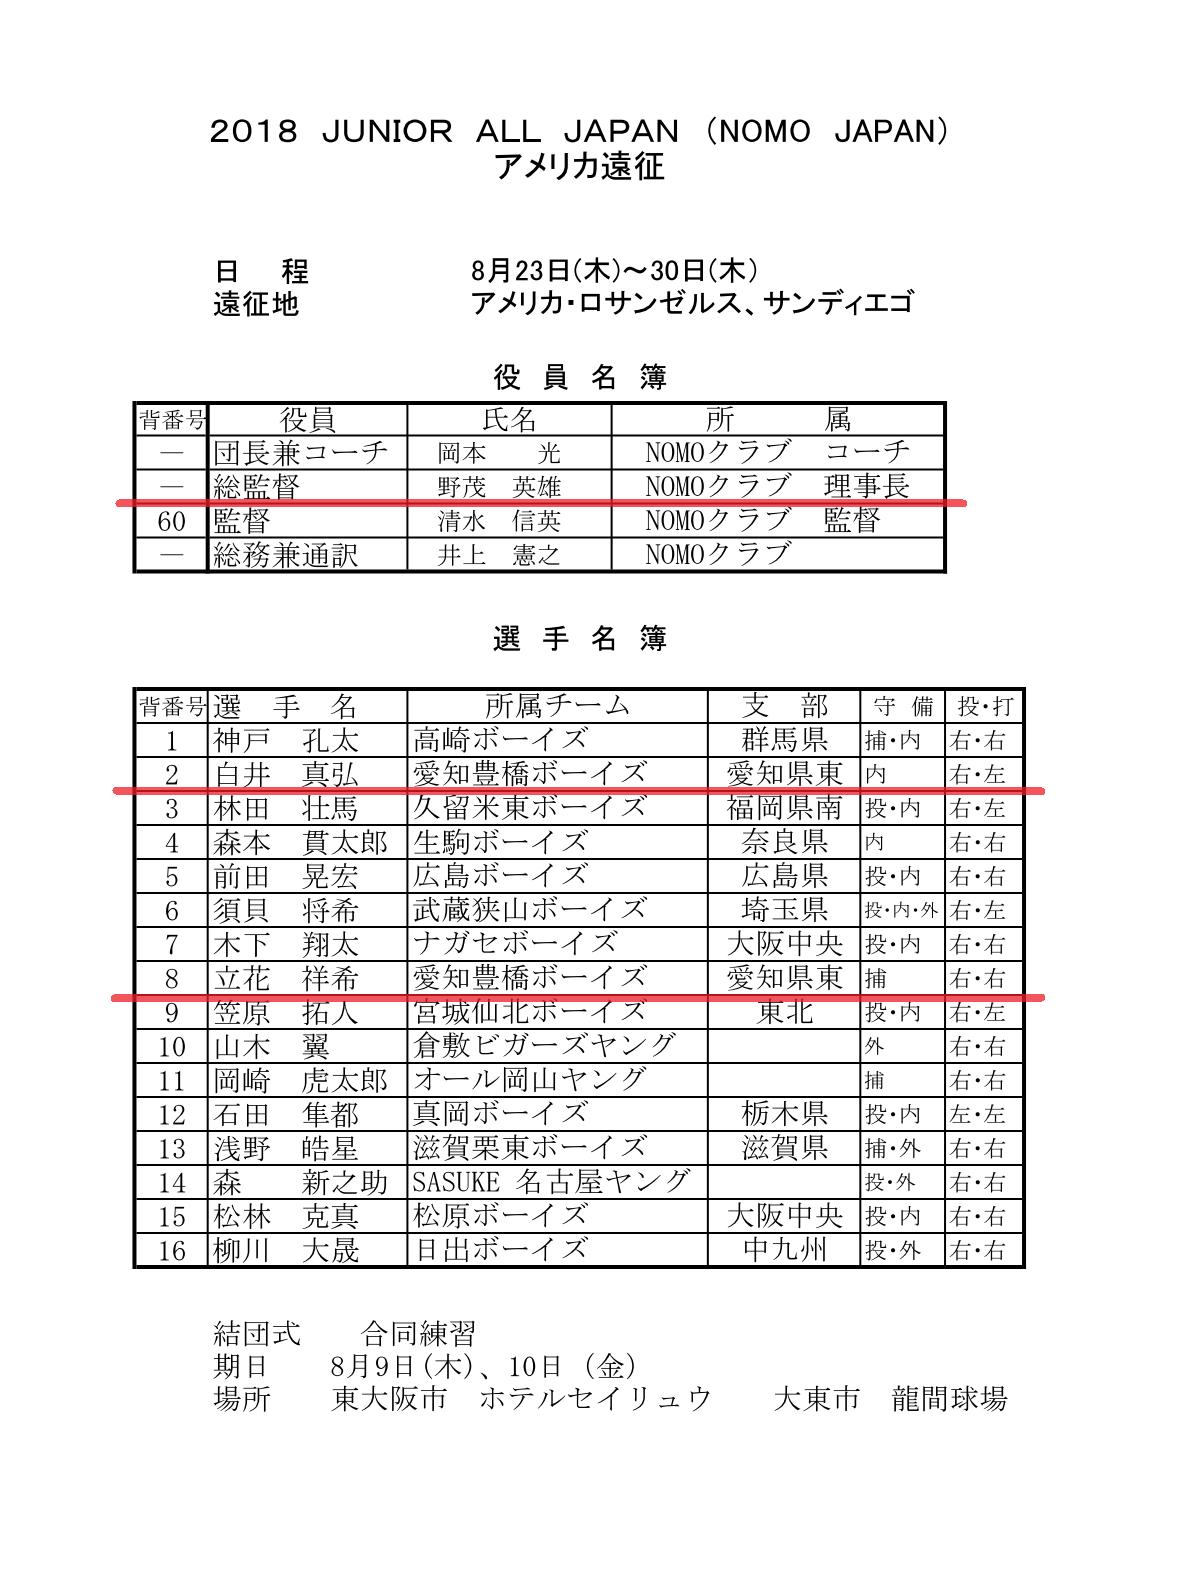 180821_kaigaihaken2018-3